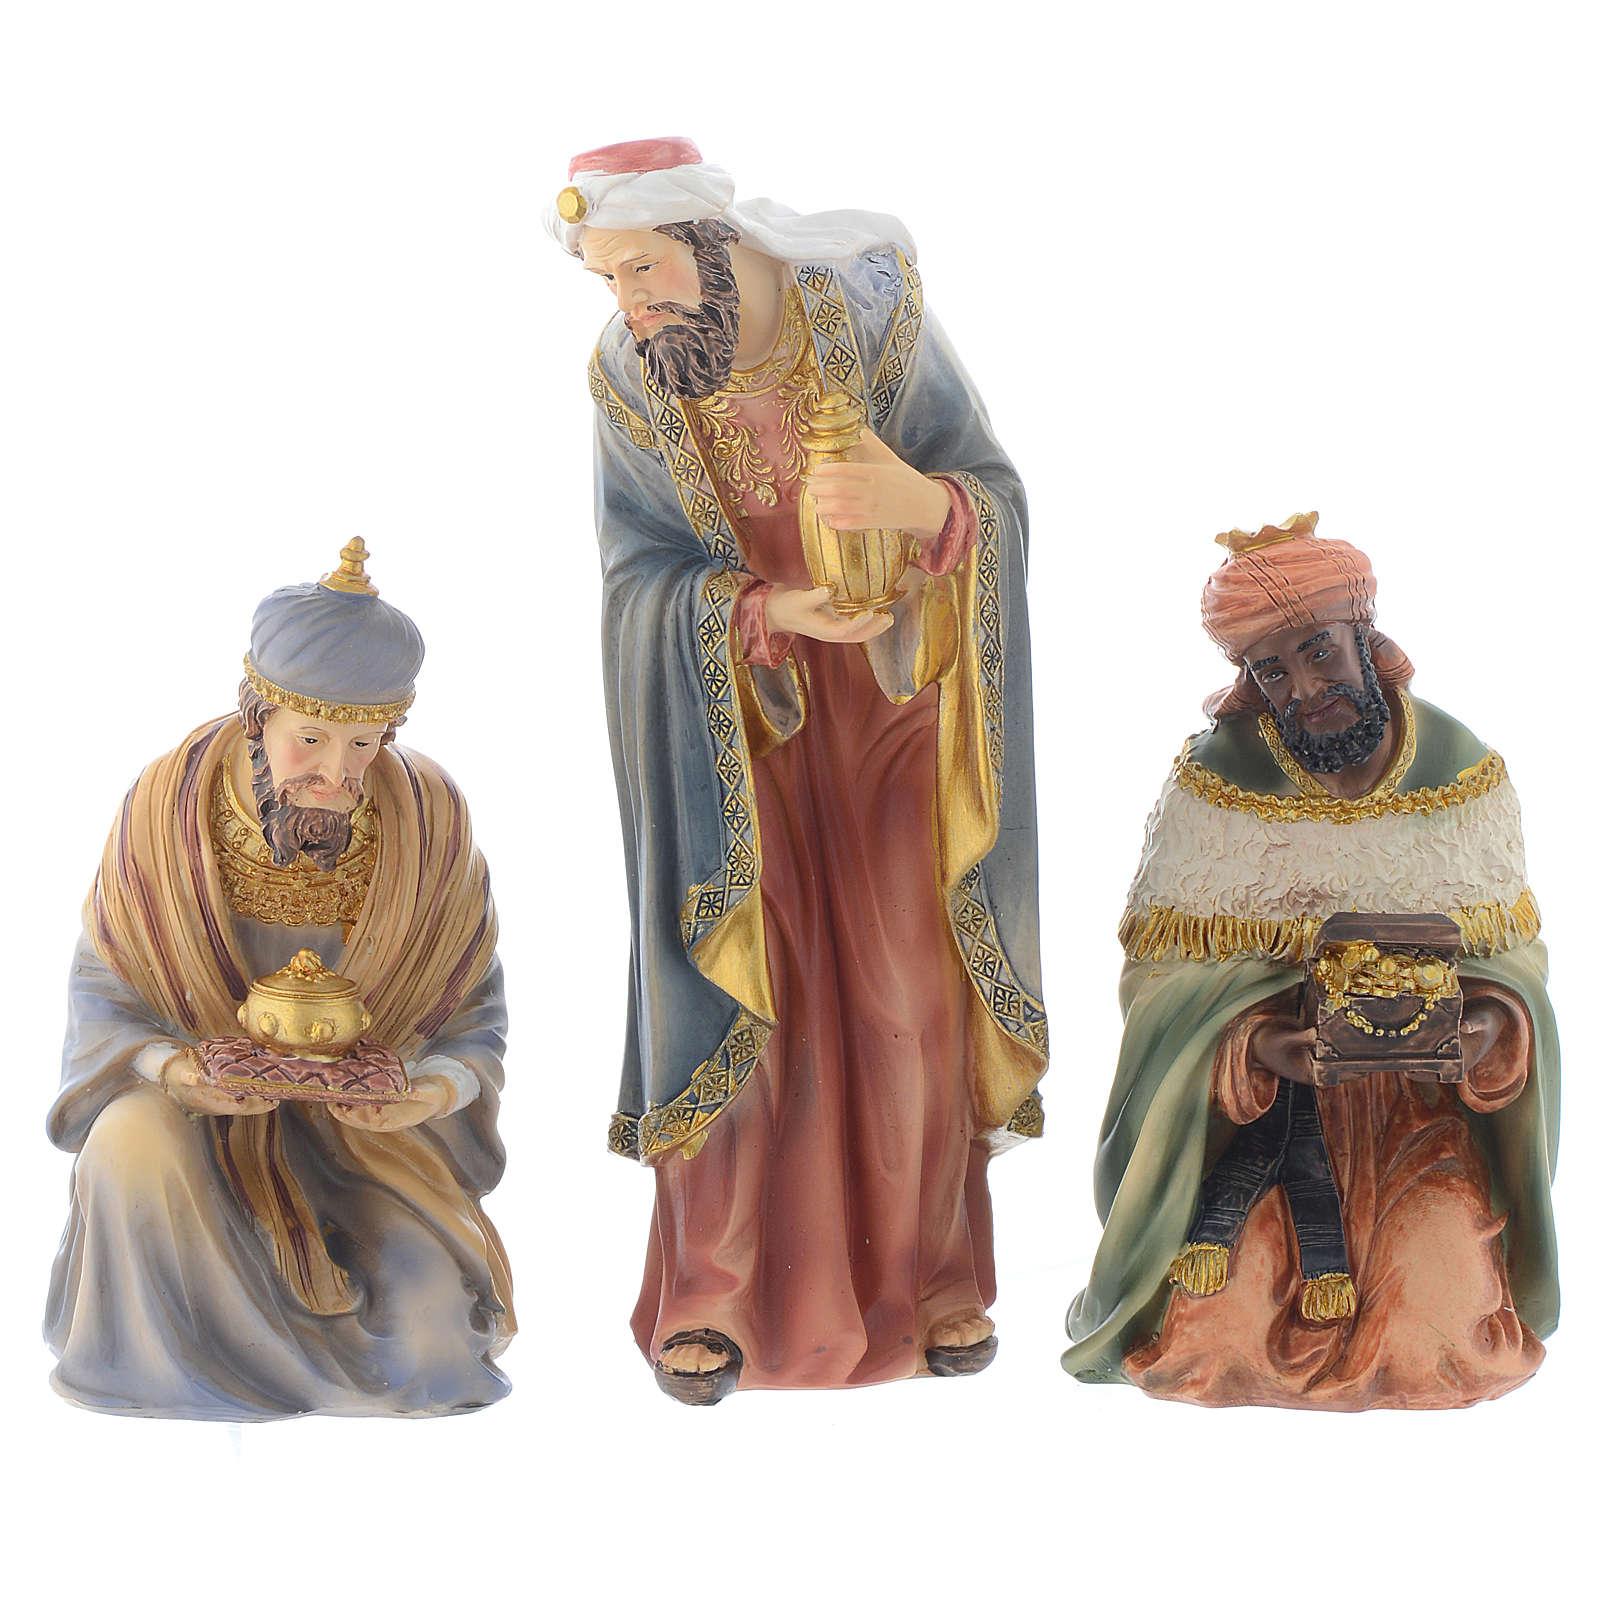 Presepe resina 20,5 cm - 8 statue 4